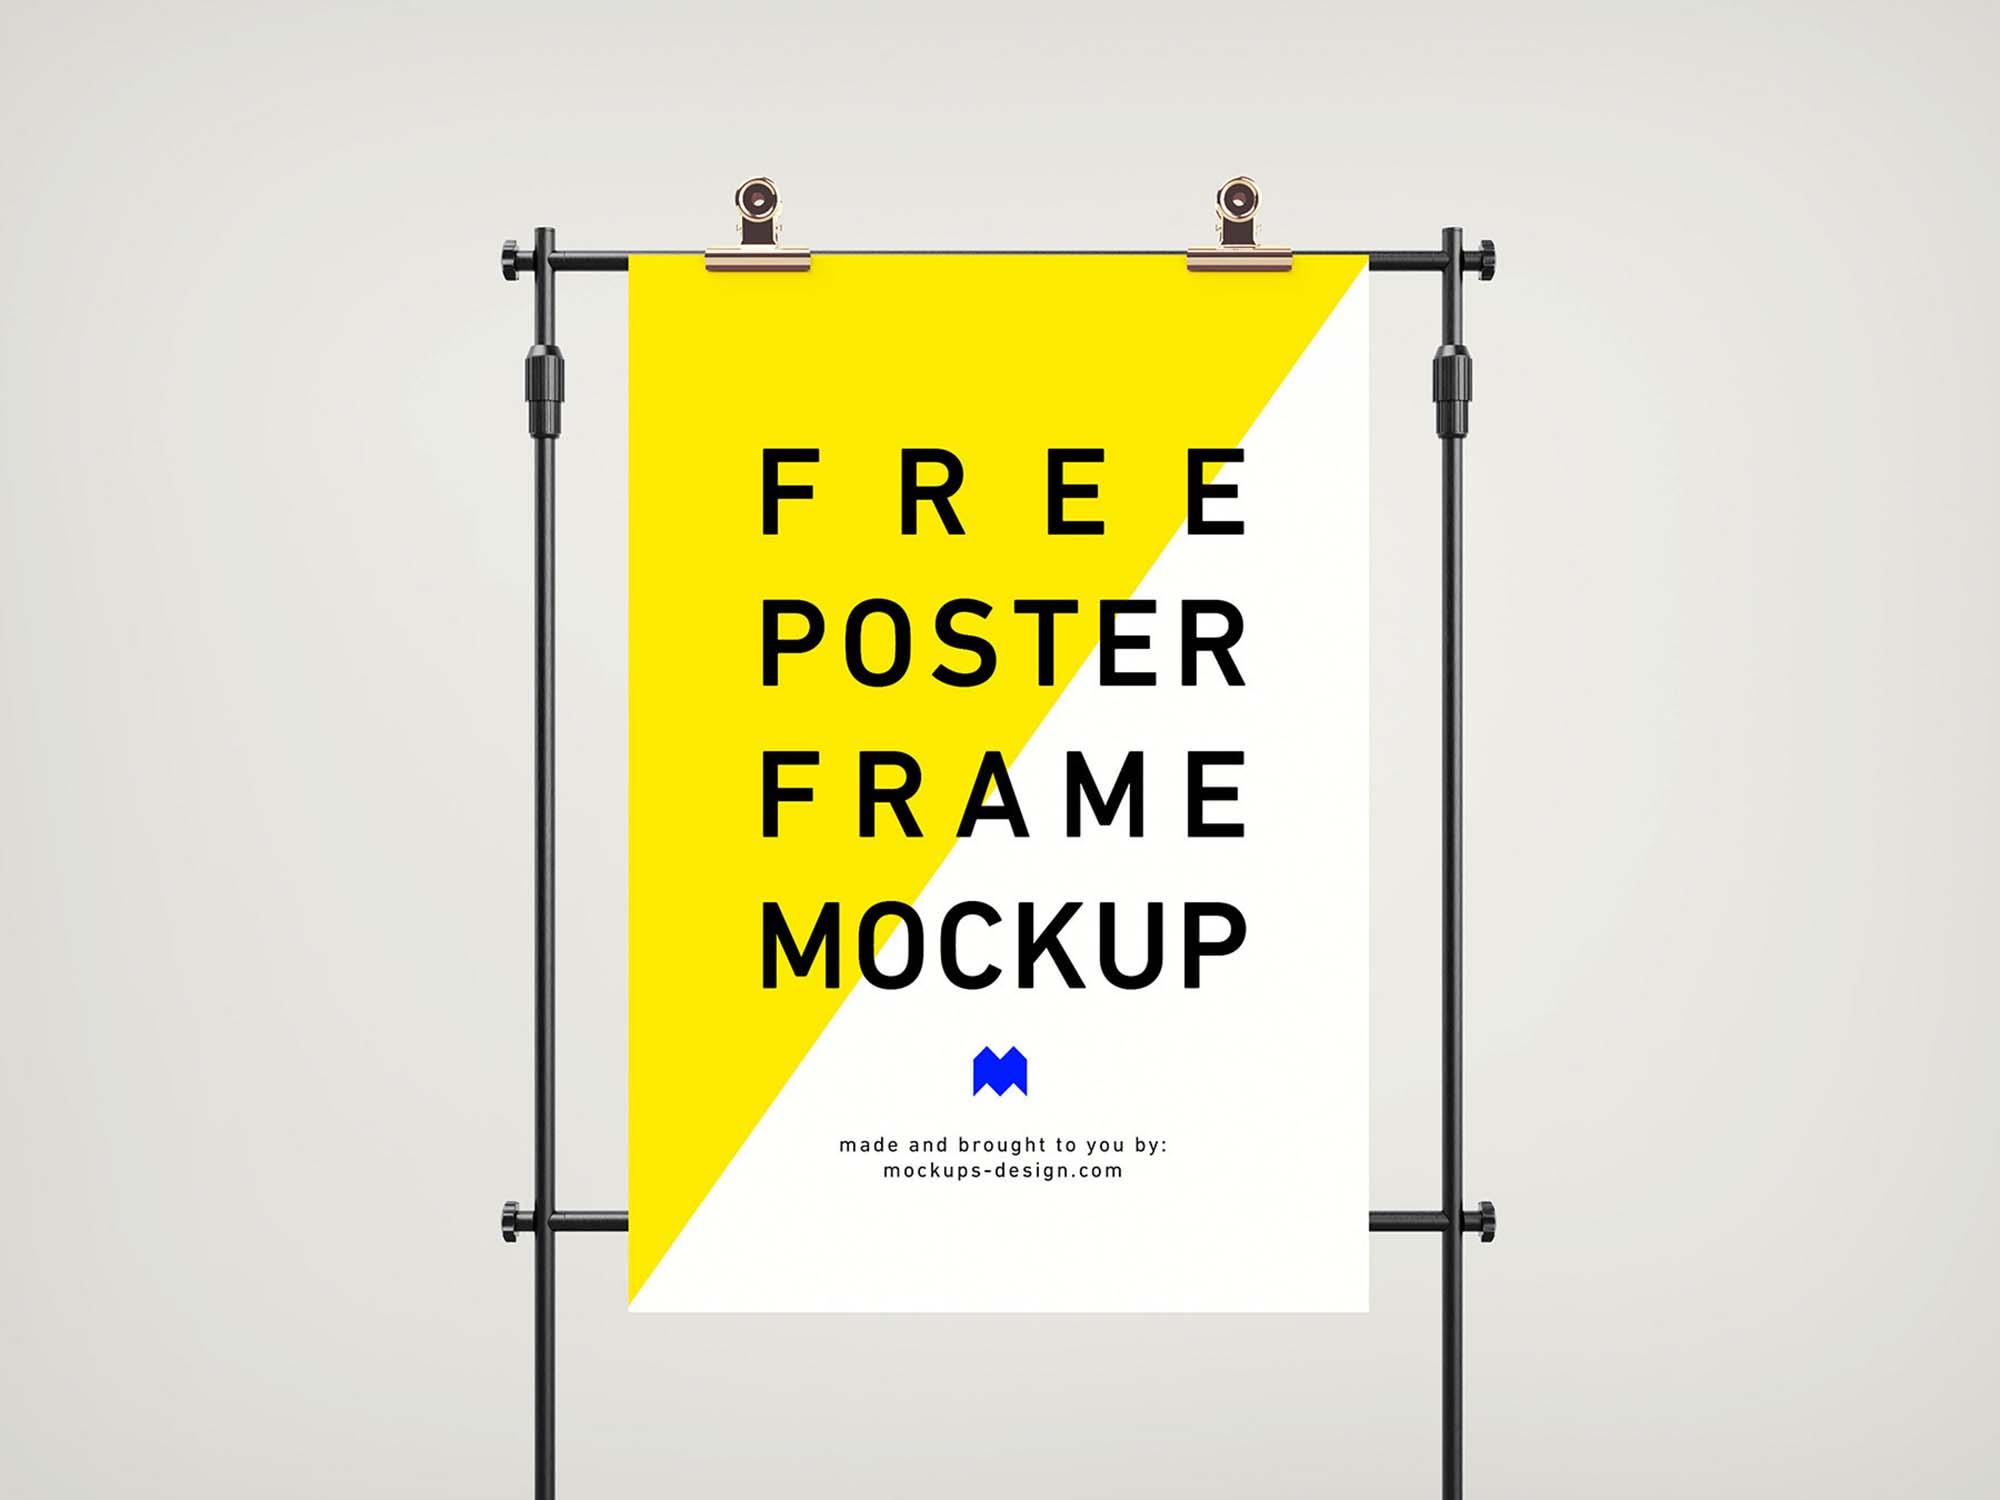 Frame Poster Mockup